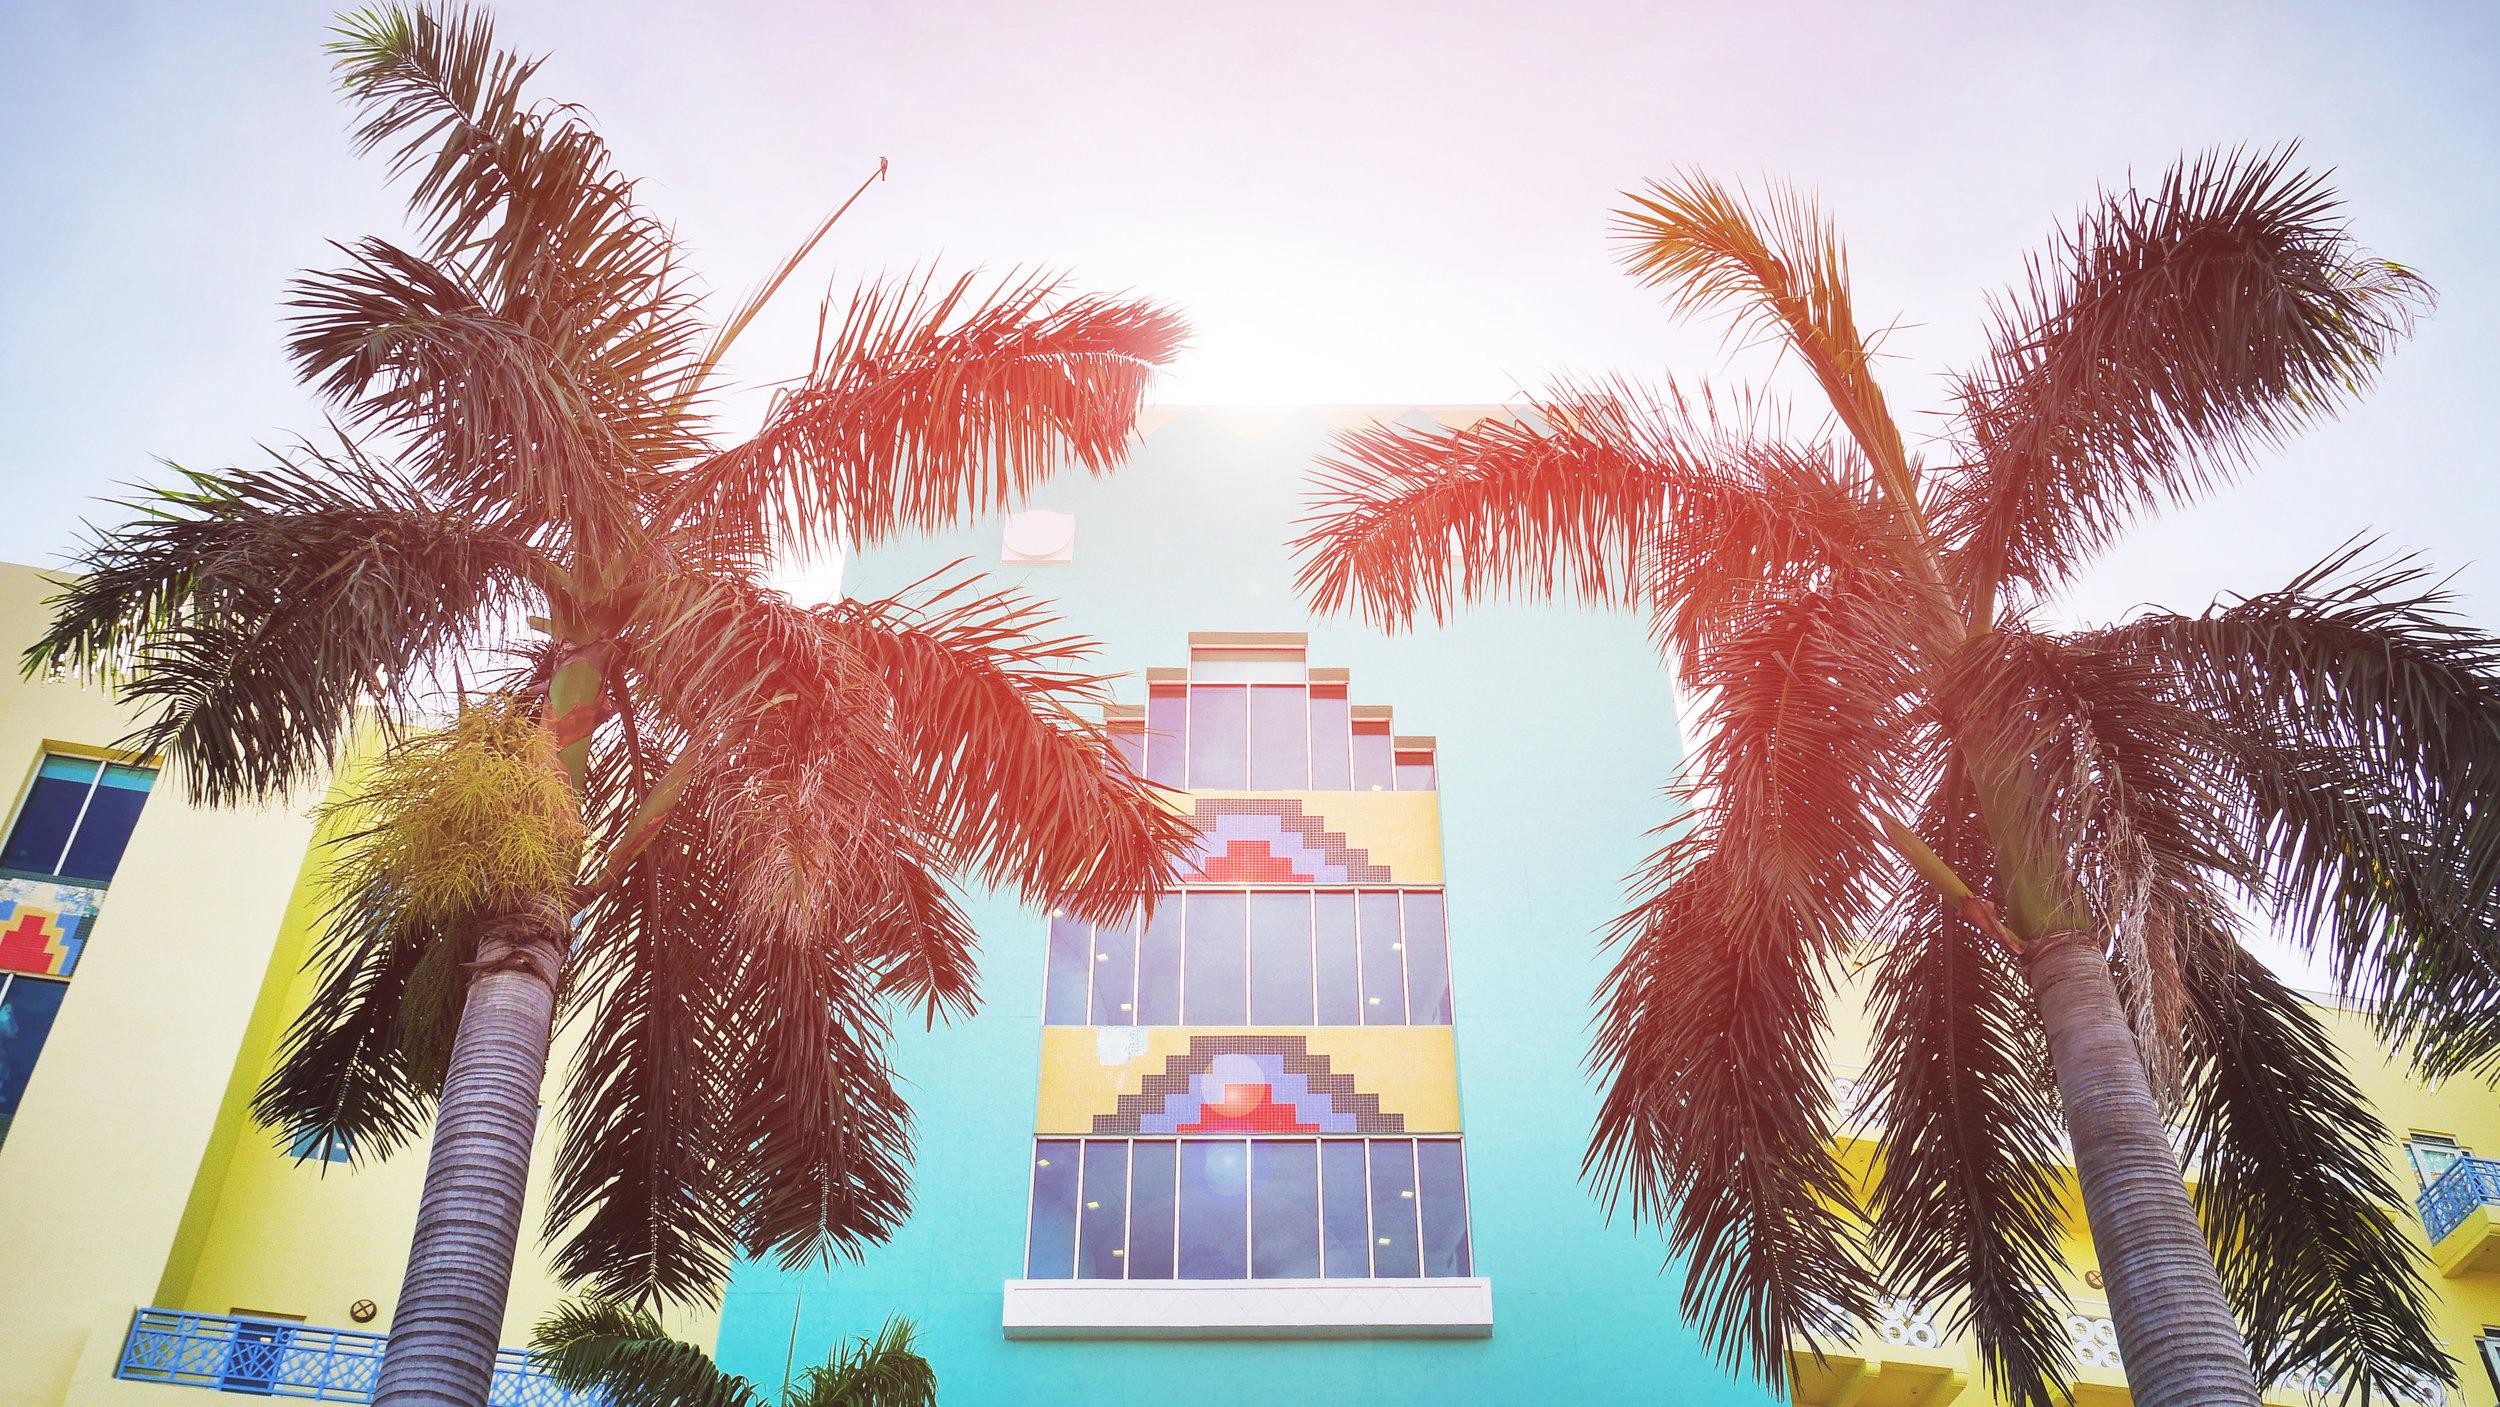 """South Beach   Dag som natt är South Beach full av  underhållning och rörelse . Här återfinns, förutom en oändlig sandstrand, nattklubbar, restauranger, butiker och hotell och är ett måste på din resa till Miami.  Lincoln Road  finns här och är ett paradis för den shoppingsugna med en uppsjö av olika butiker. Det finns också gott om riktigt bra restauranger.  Ocean Drive  är South Beach östligaste gata med riktigt bra nattliv - det är även platsen där studenter firar det välkända """"Spring Break""""."""